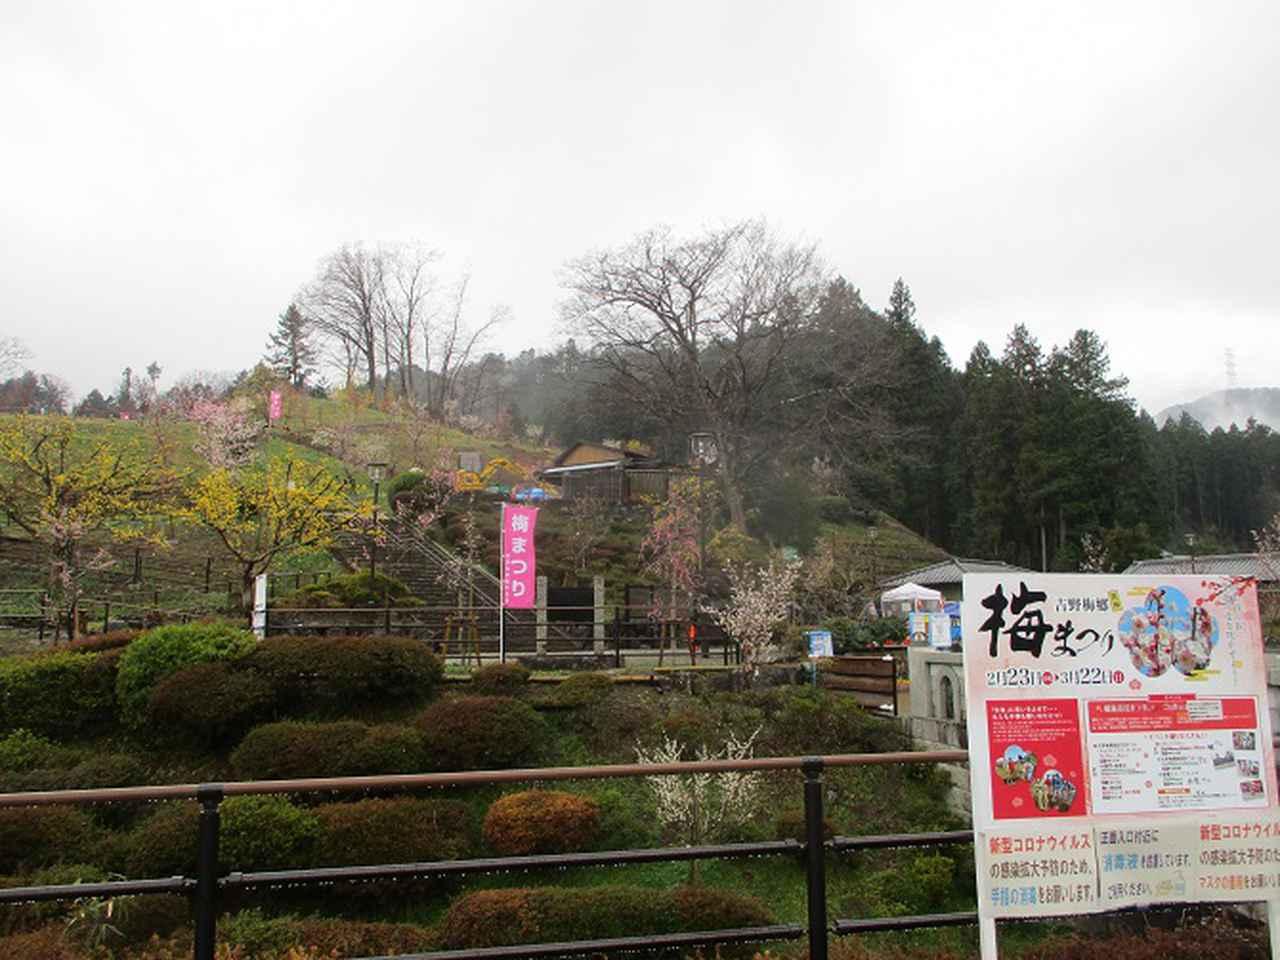 画像12: 4月の山旅会現地集合コース 天狗岩から要害山 の下見に行ってきました!